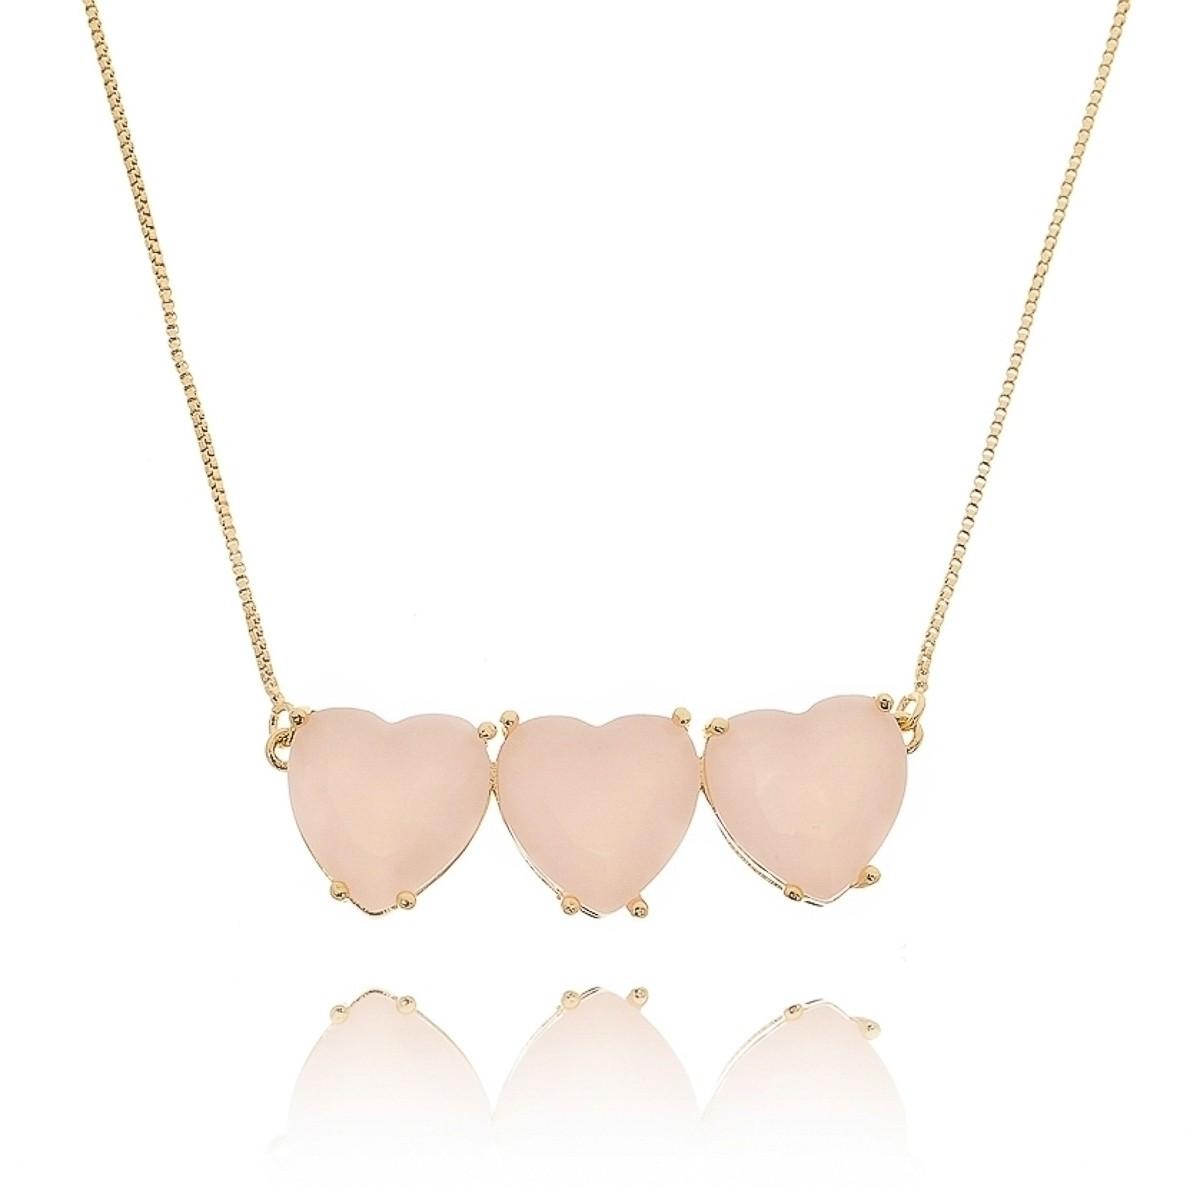 Colar 3 Corações Dourado Quartzo Rosa Leitoso Semijoia em Ouro 18K  - Soloyou